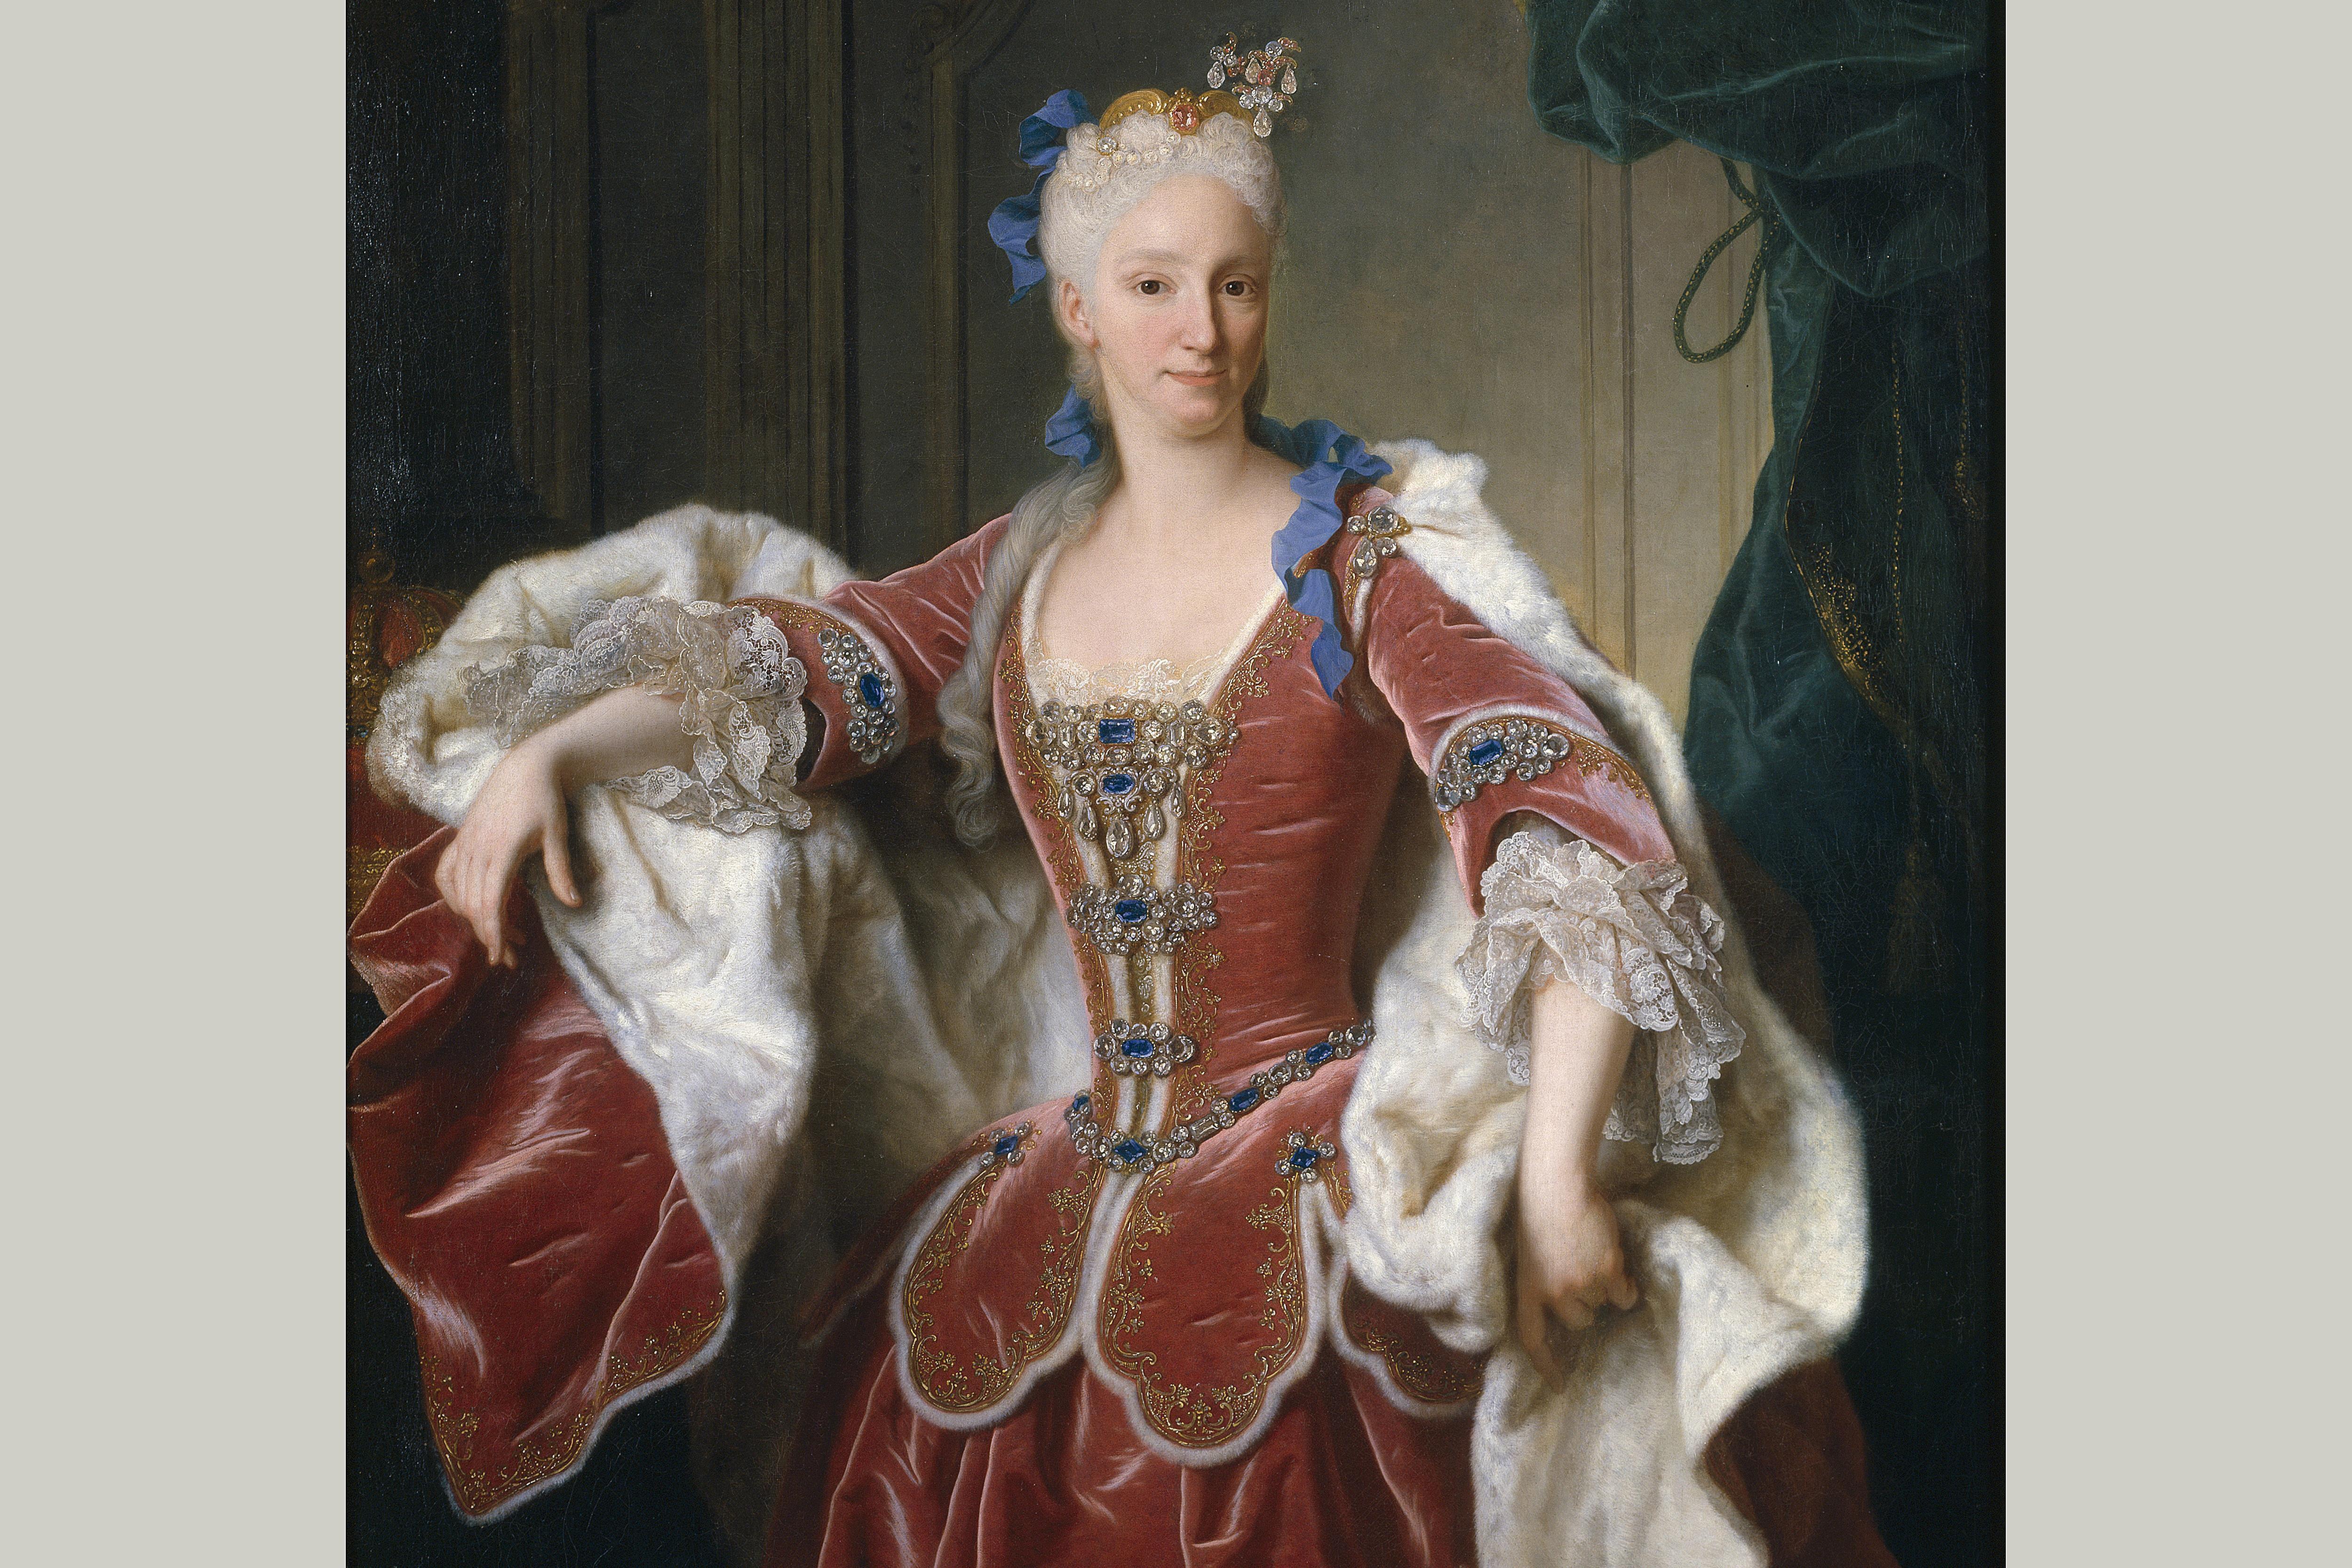 Elisabeth Farnese, Queen of Spain, from a 1723 portrait by artist Jean Ranc